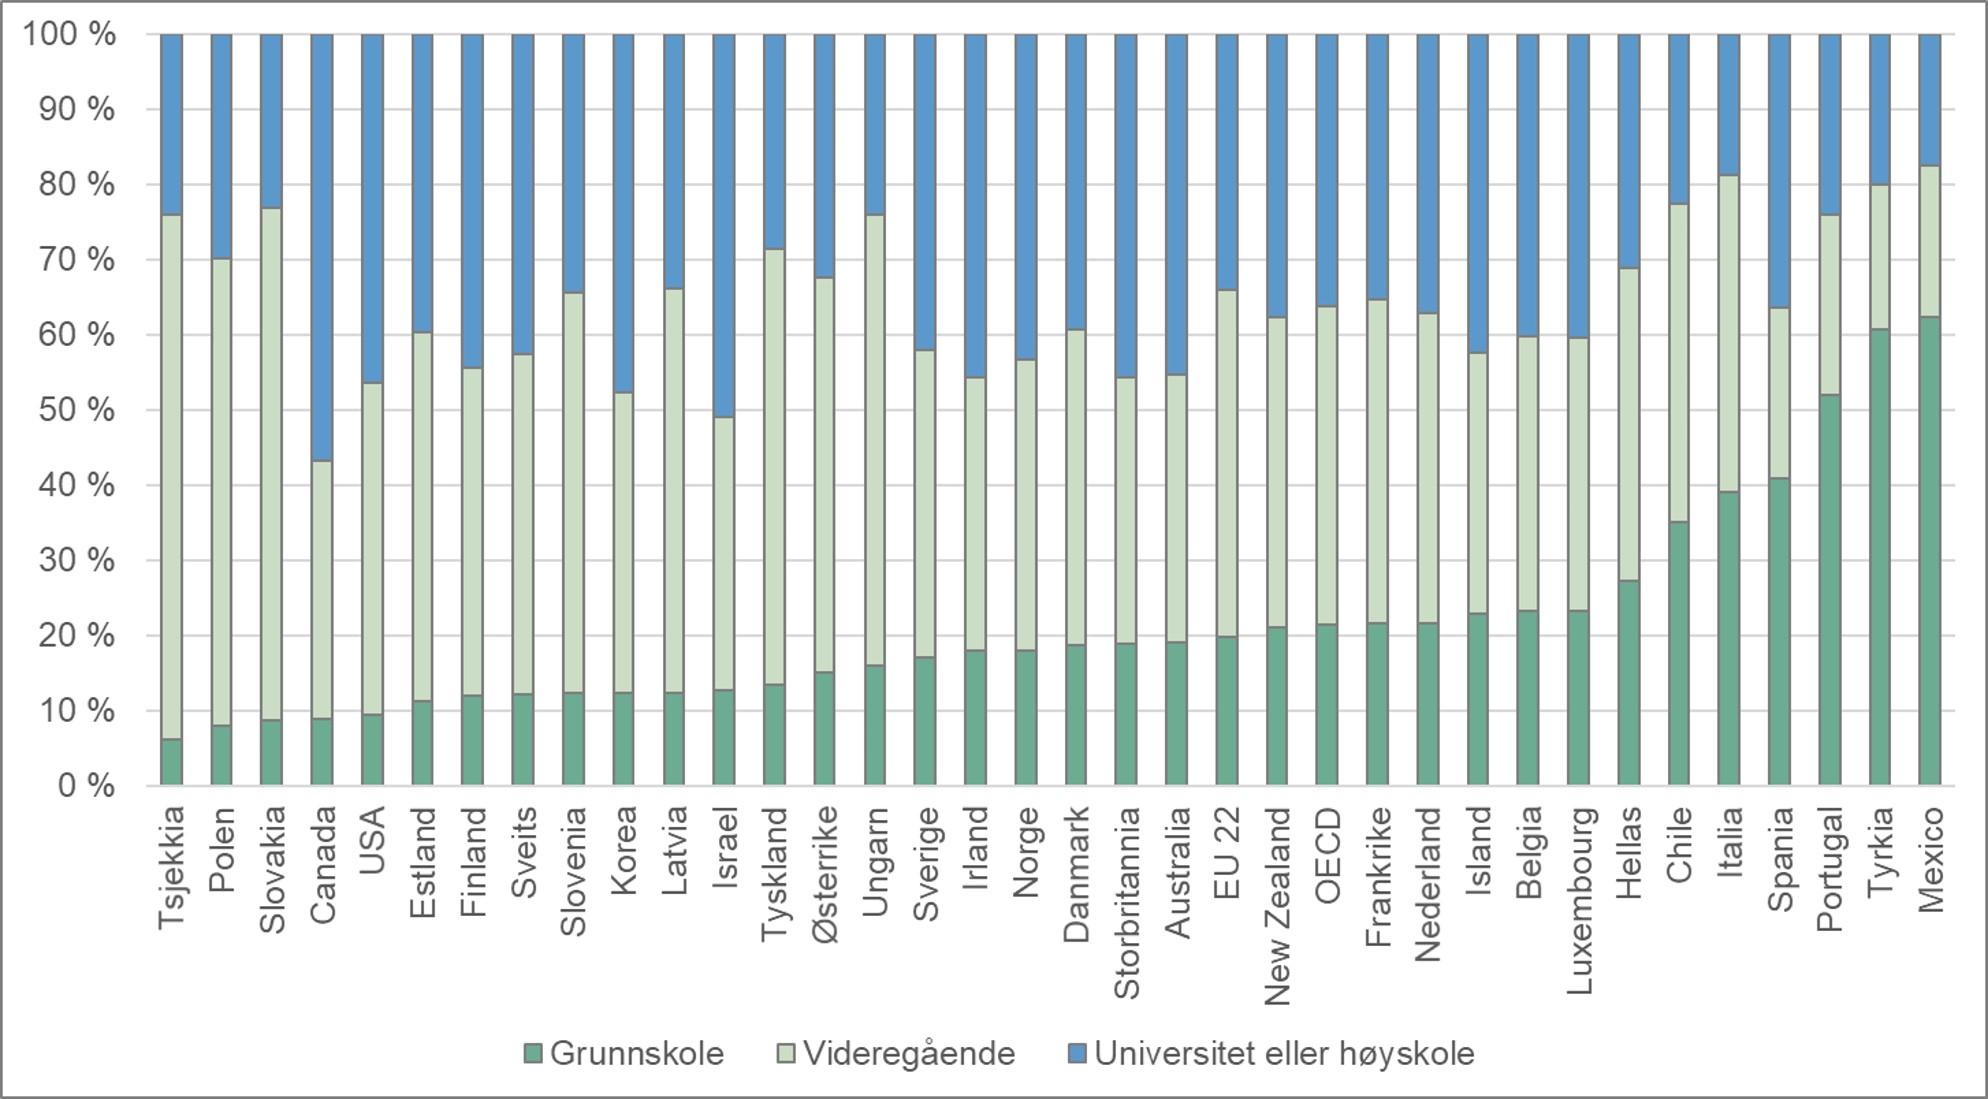 Andel av befolkningen som er sysselsatt etter utdanningsnivå. Alder 25 - 64 år. 2017